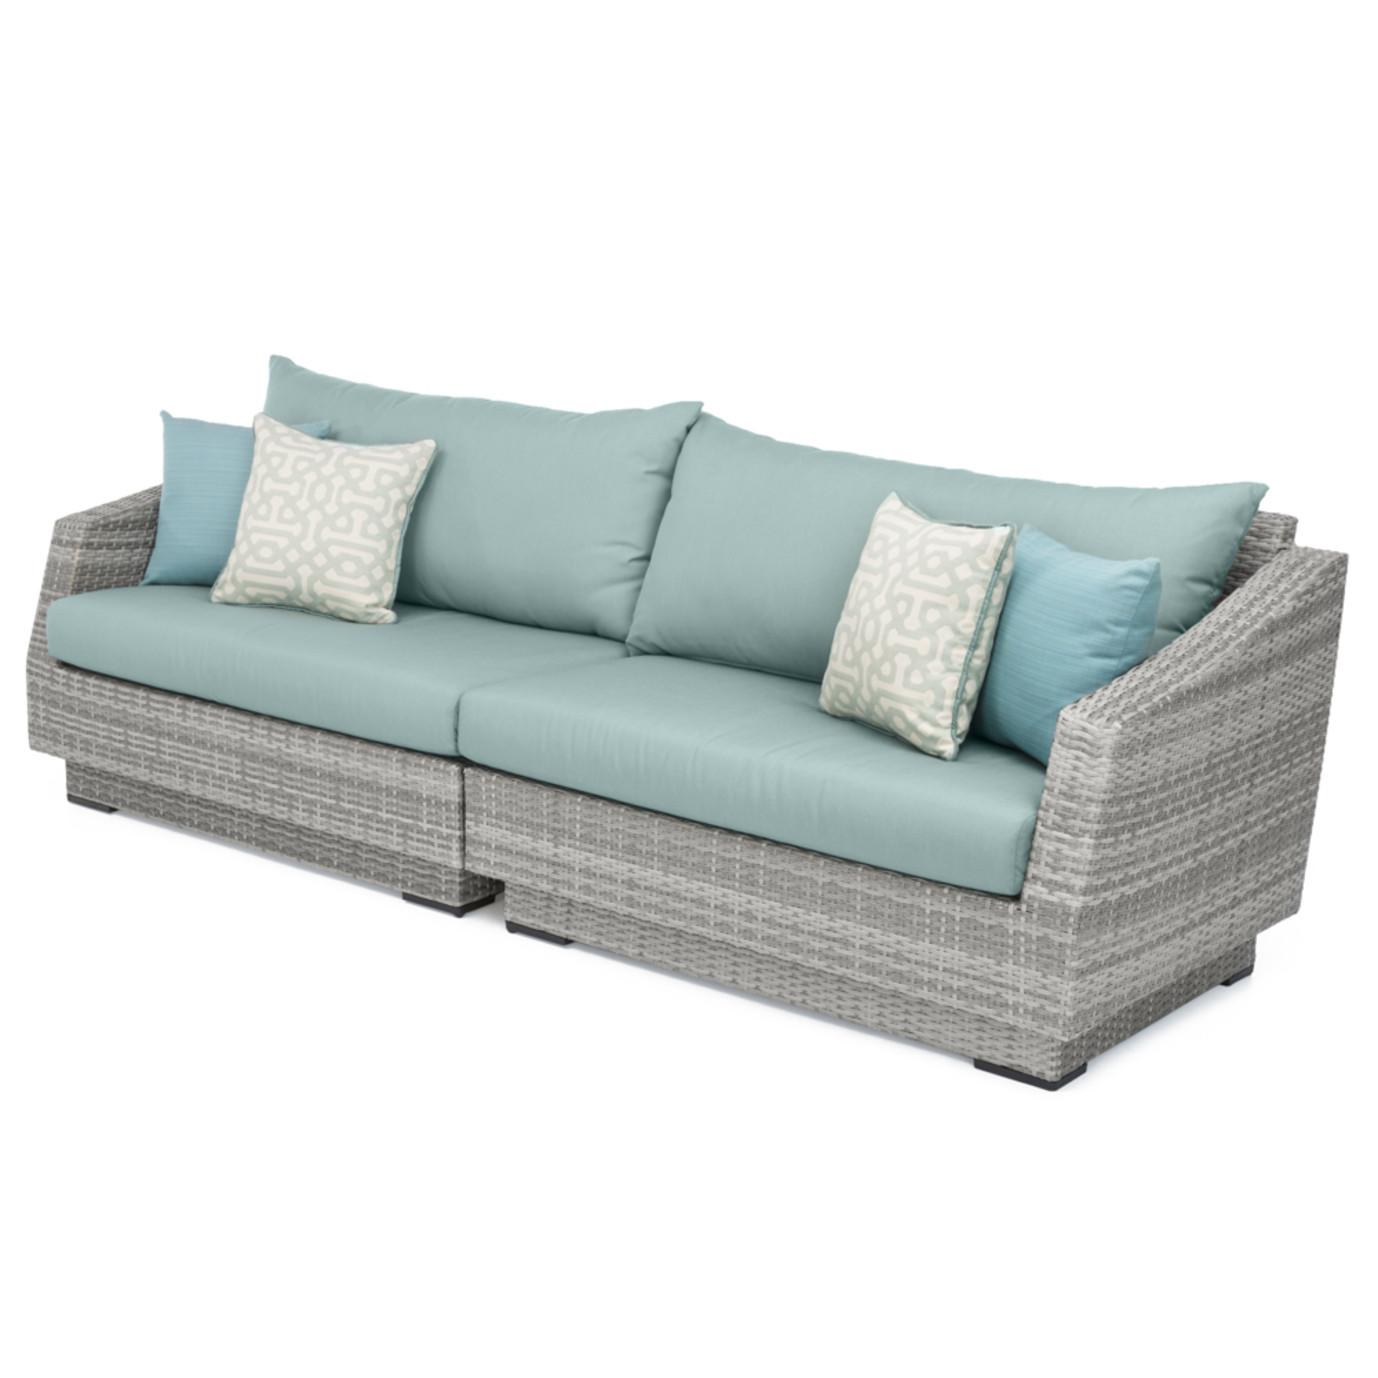 Cannes™ Sofa - Spa Blue